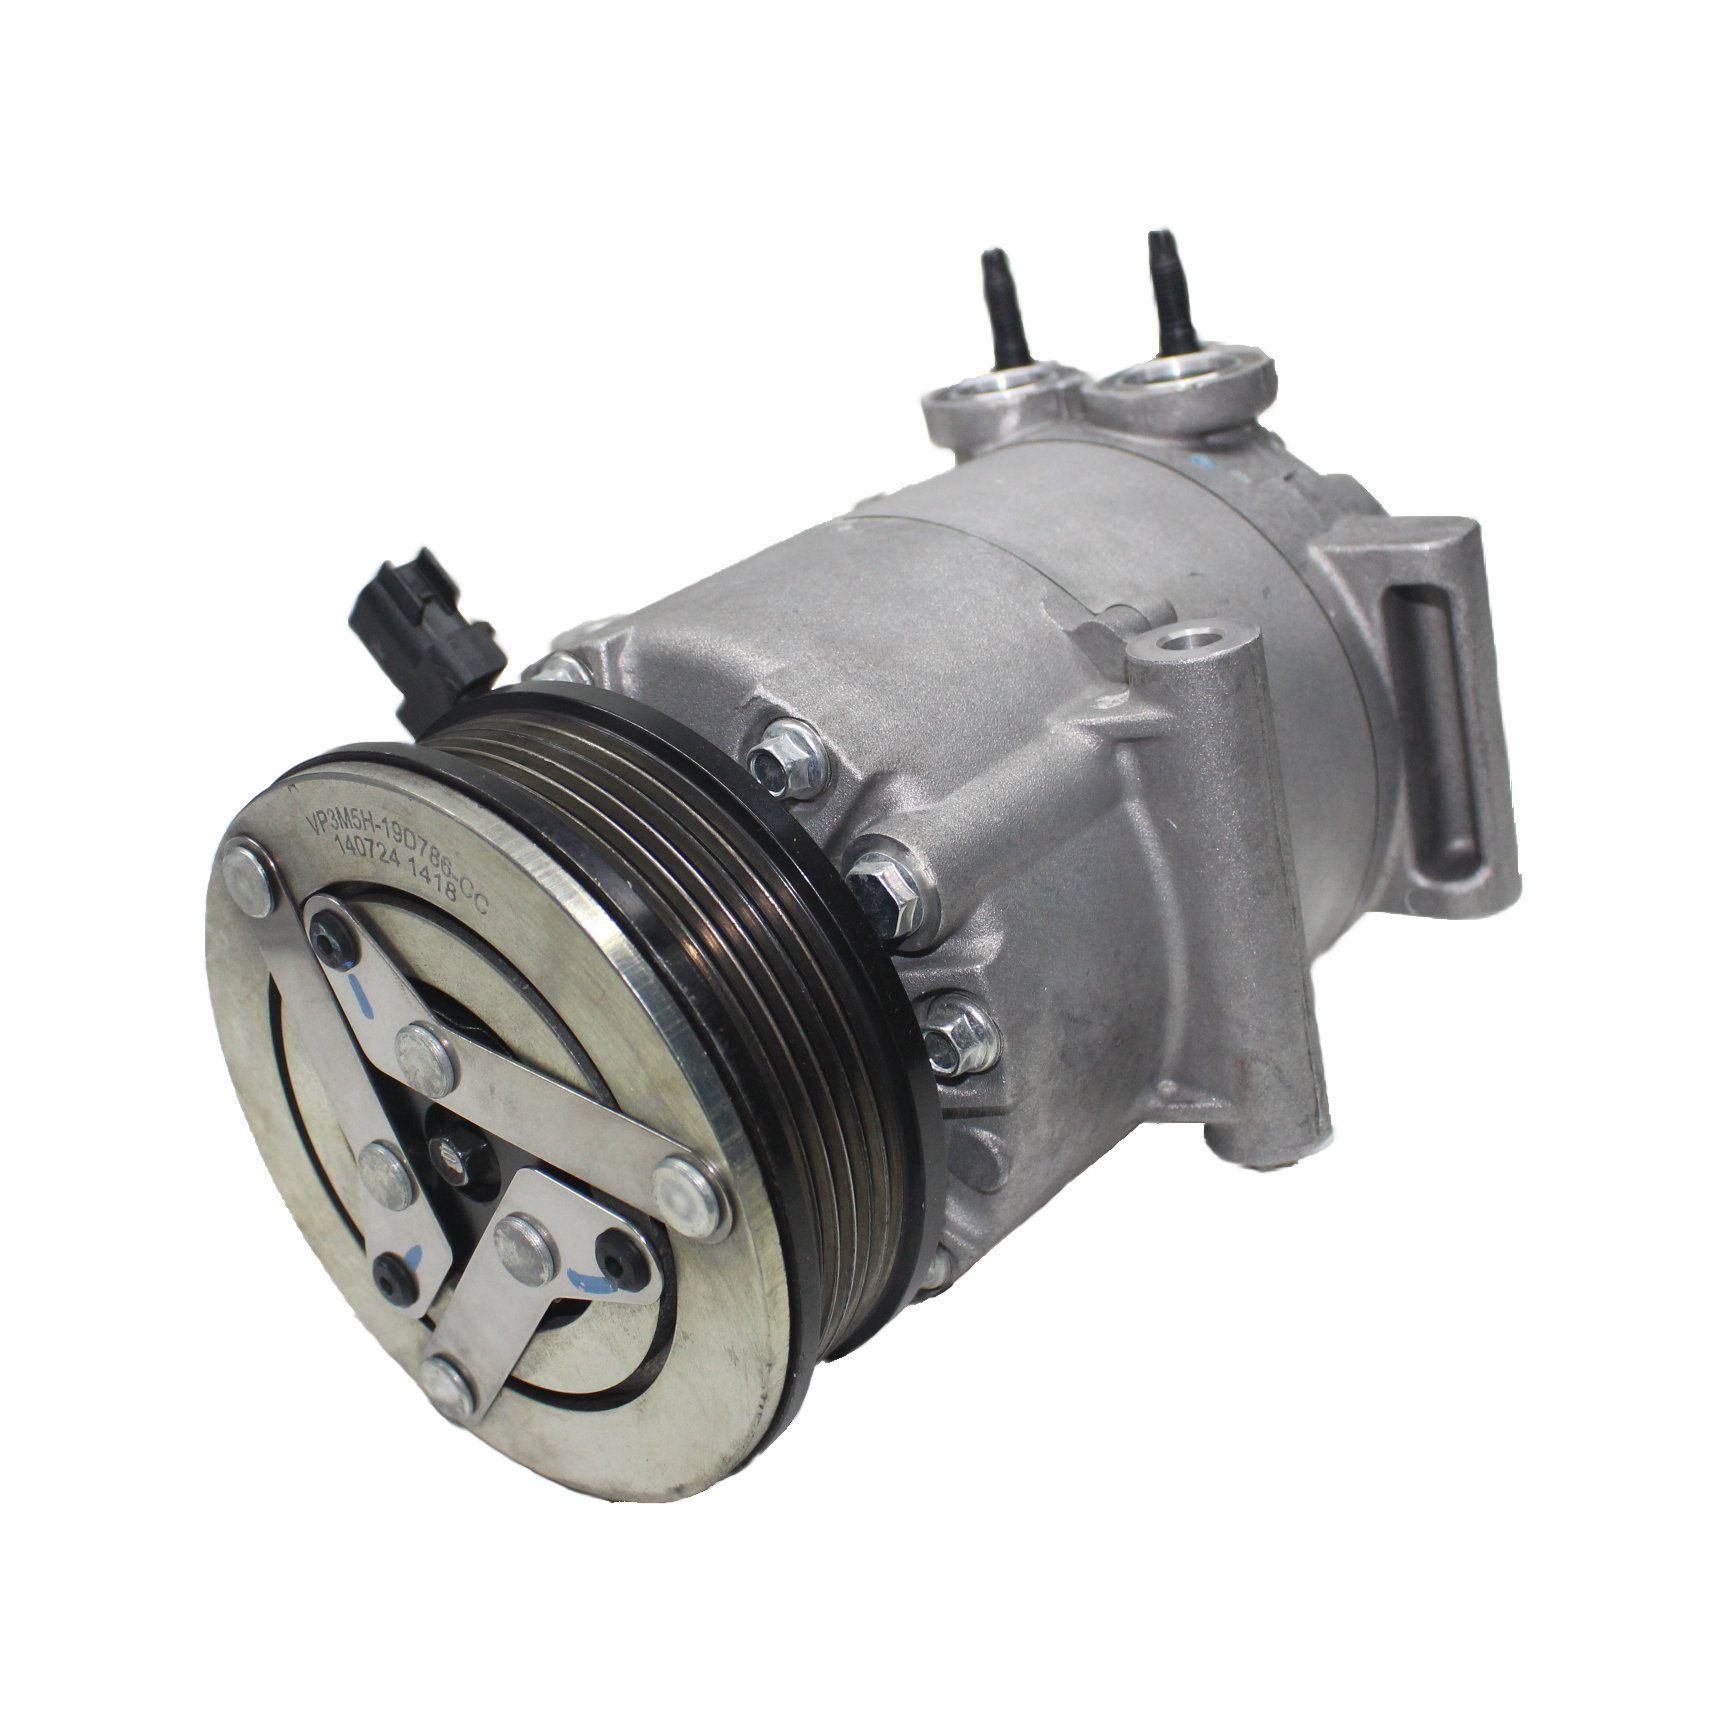 Compressor Ar Condicionado Focus Sigma 1.6 2014... - Recondicionado